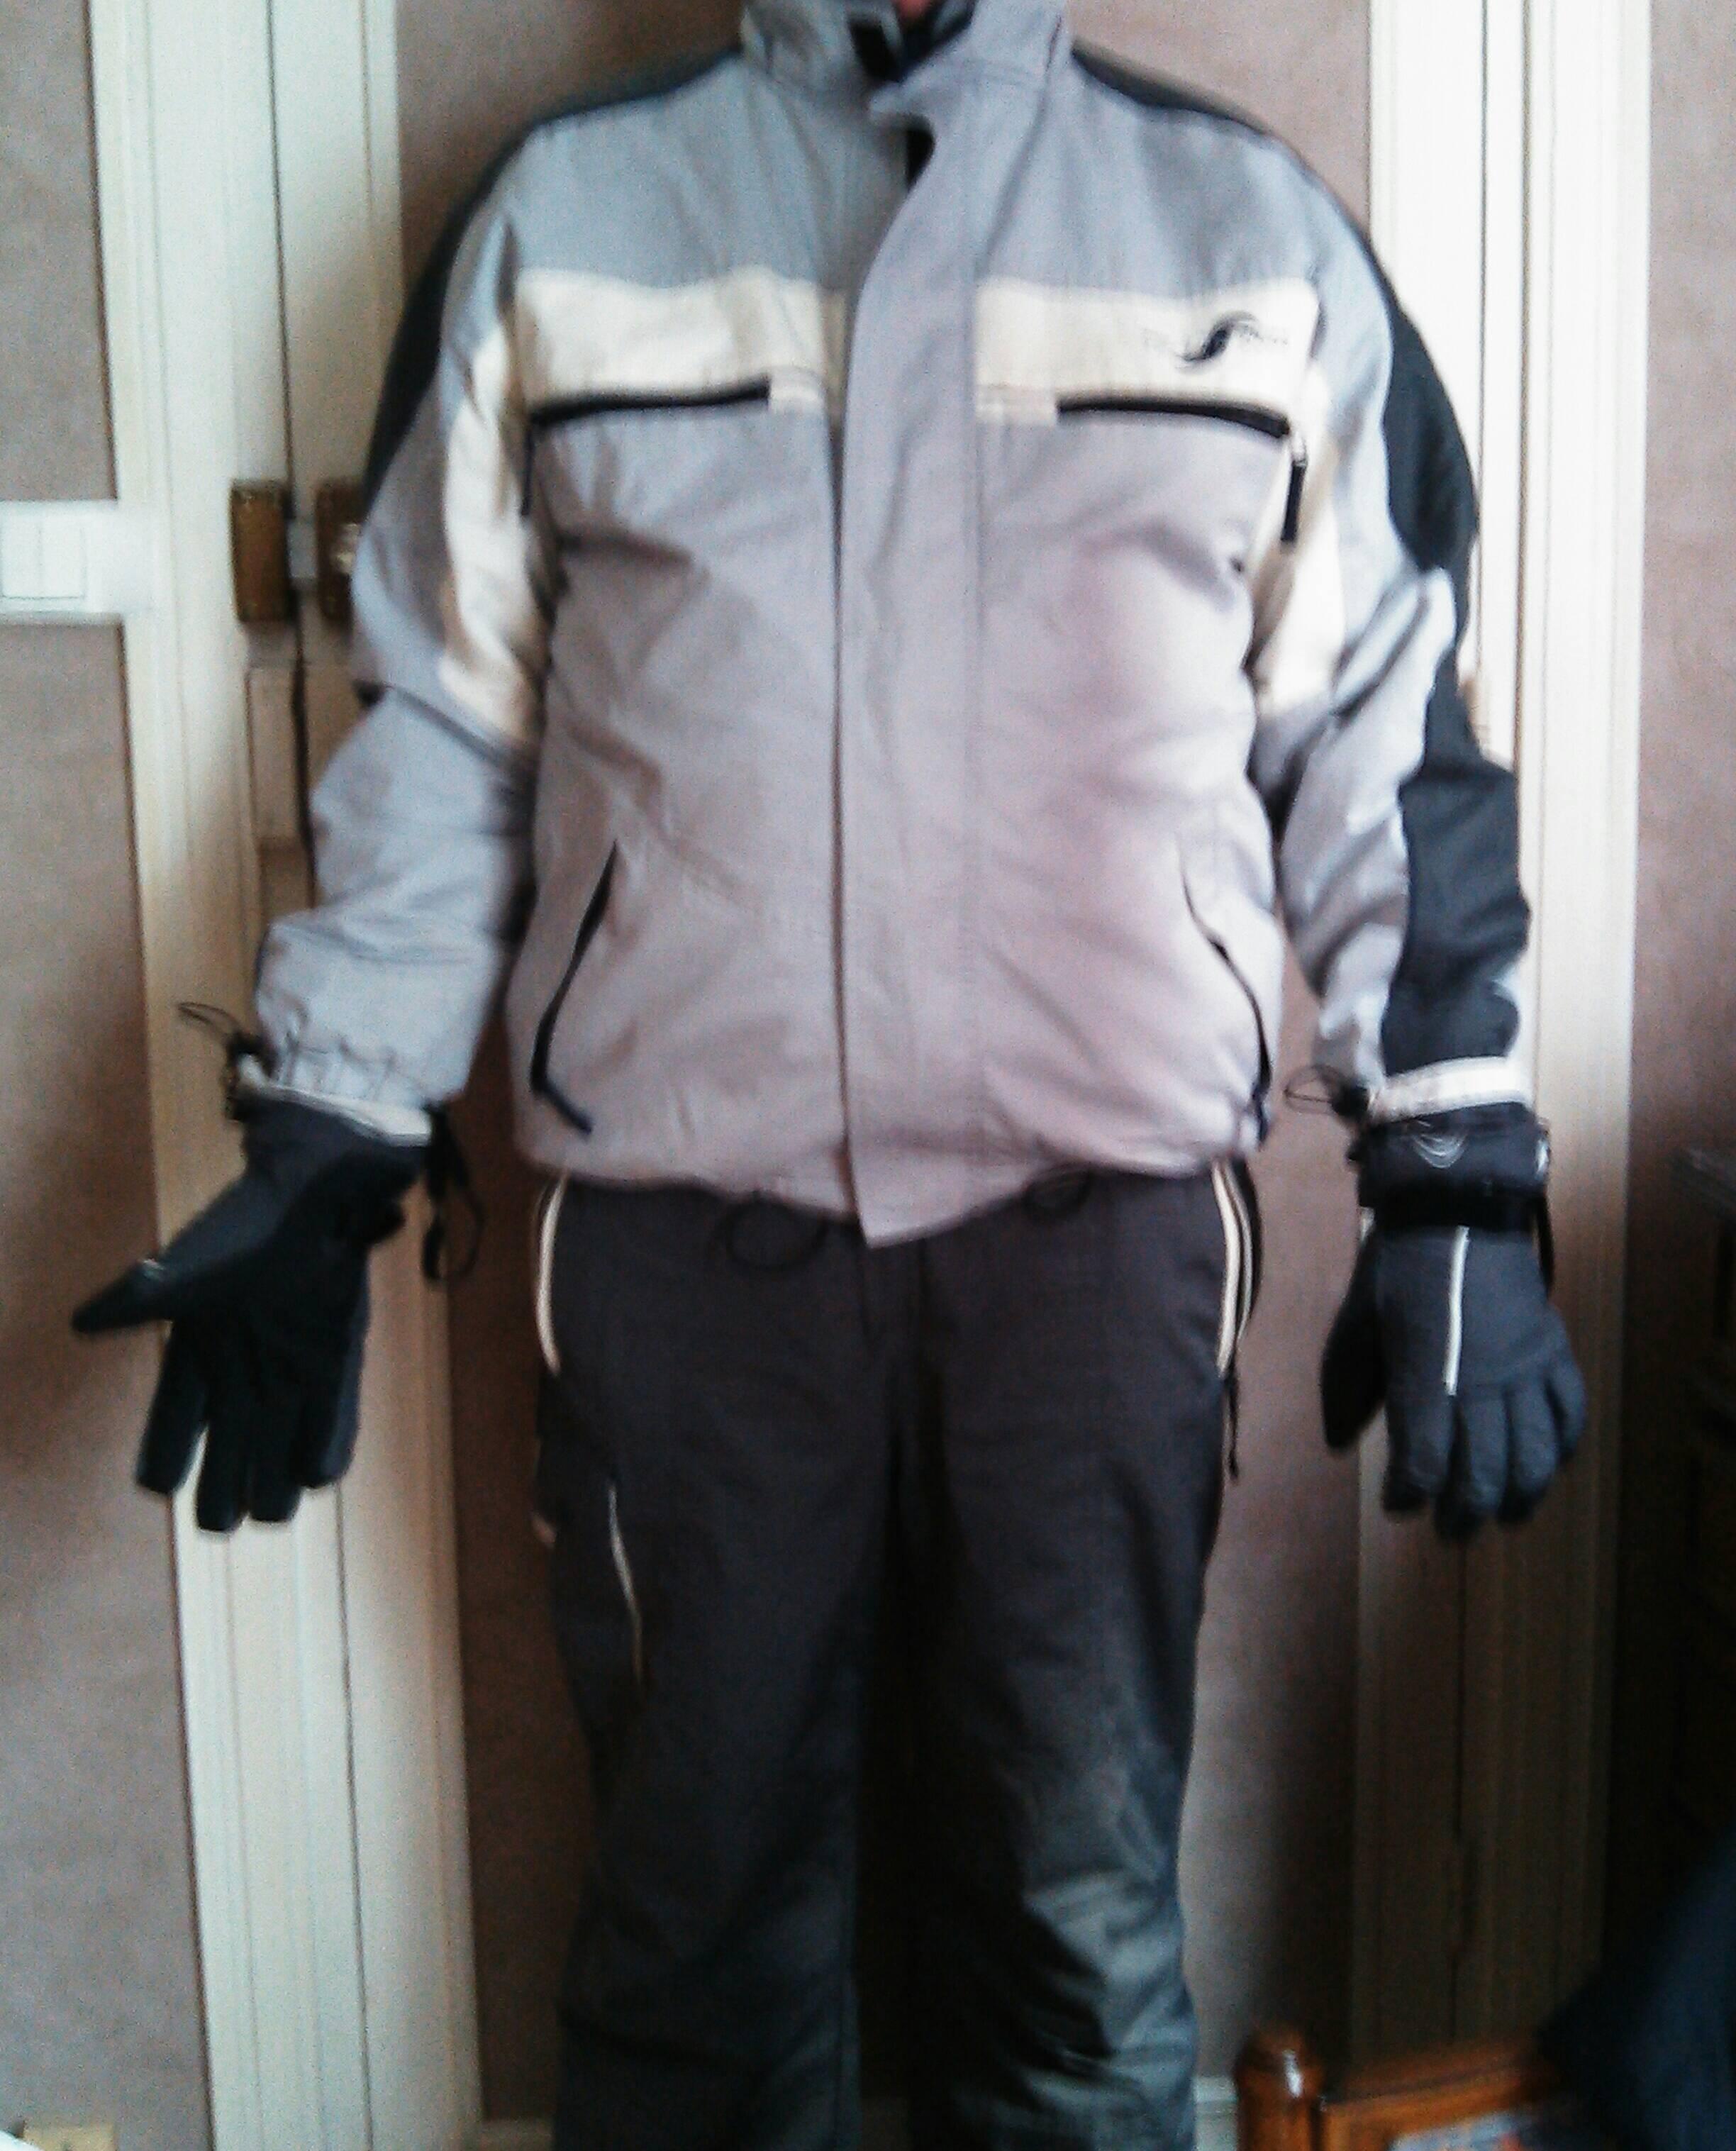 Ensemble de ski de couleur gris  Blouson avec capuche amovible   pantalon et gants dans un état impeccable, taille xl 40 Calais (62)